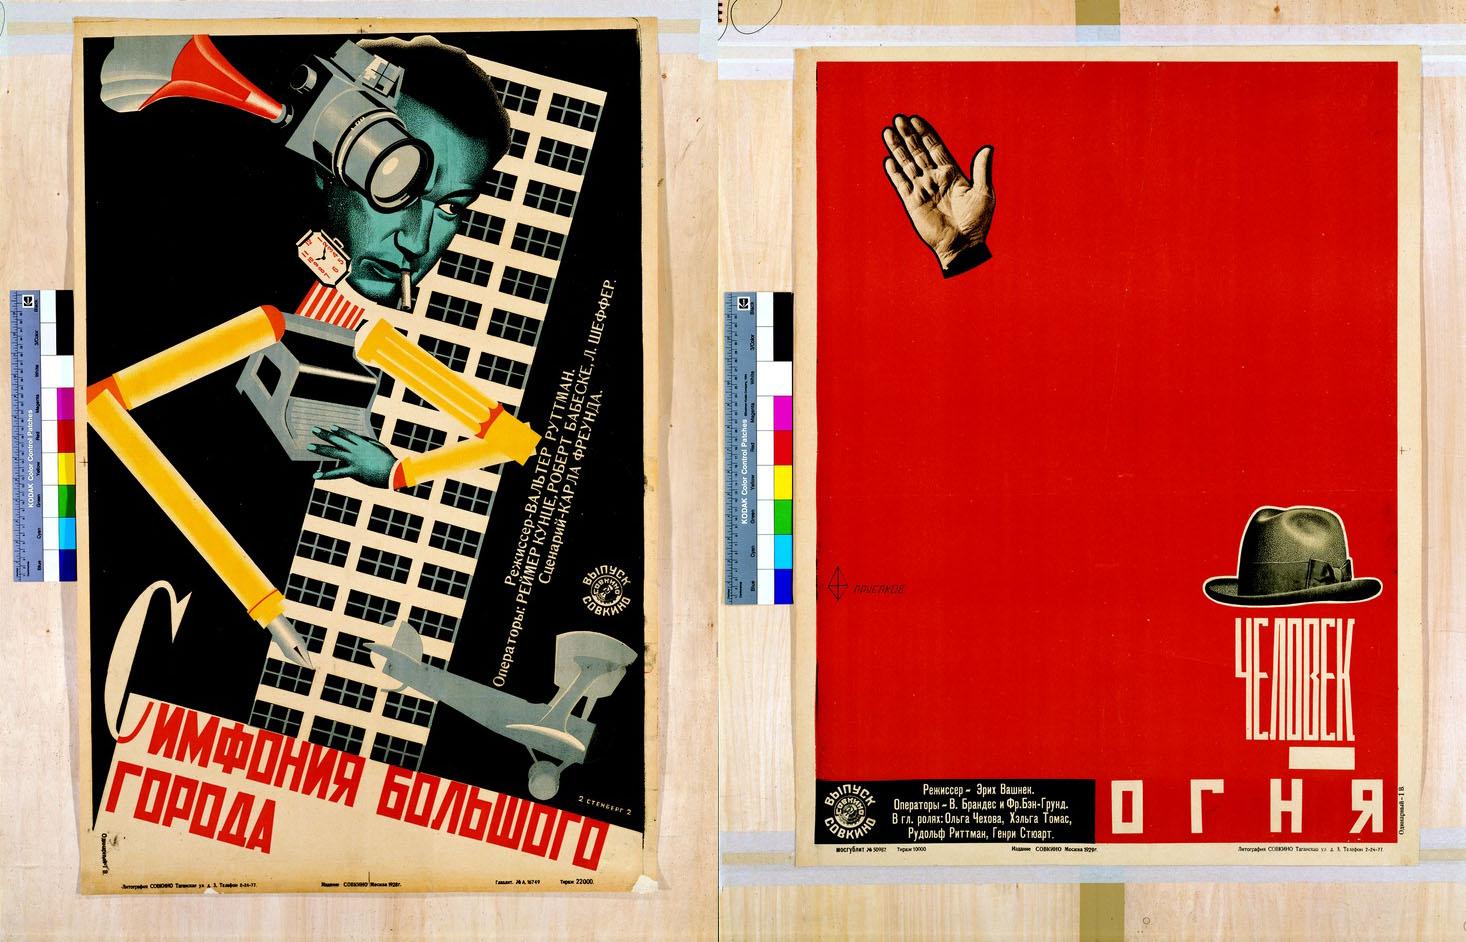 Les affiches soviétiques - Sovjetisk affischkonst